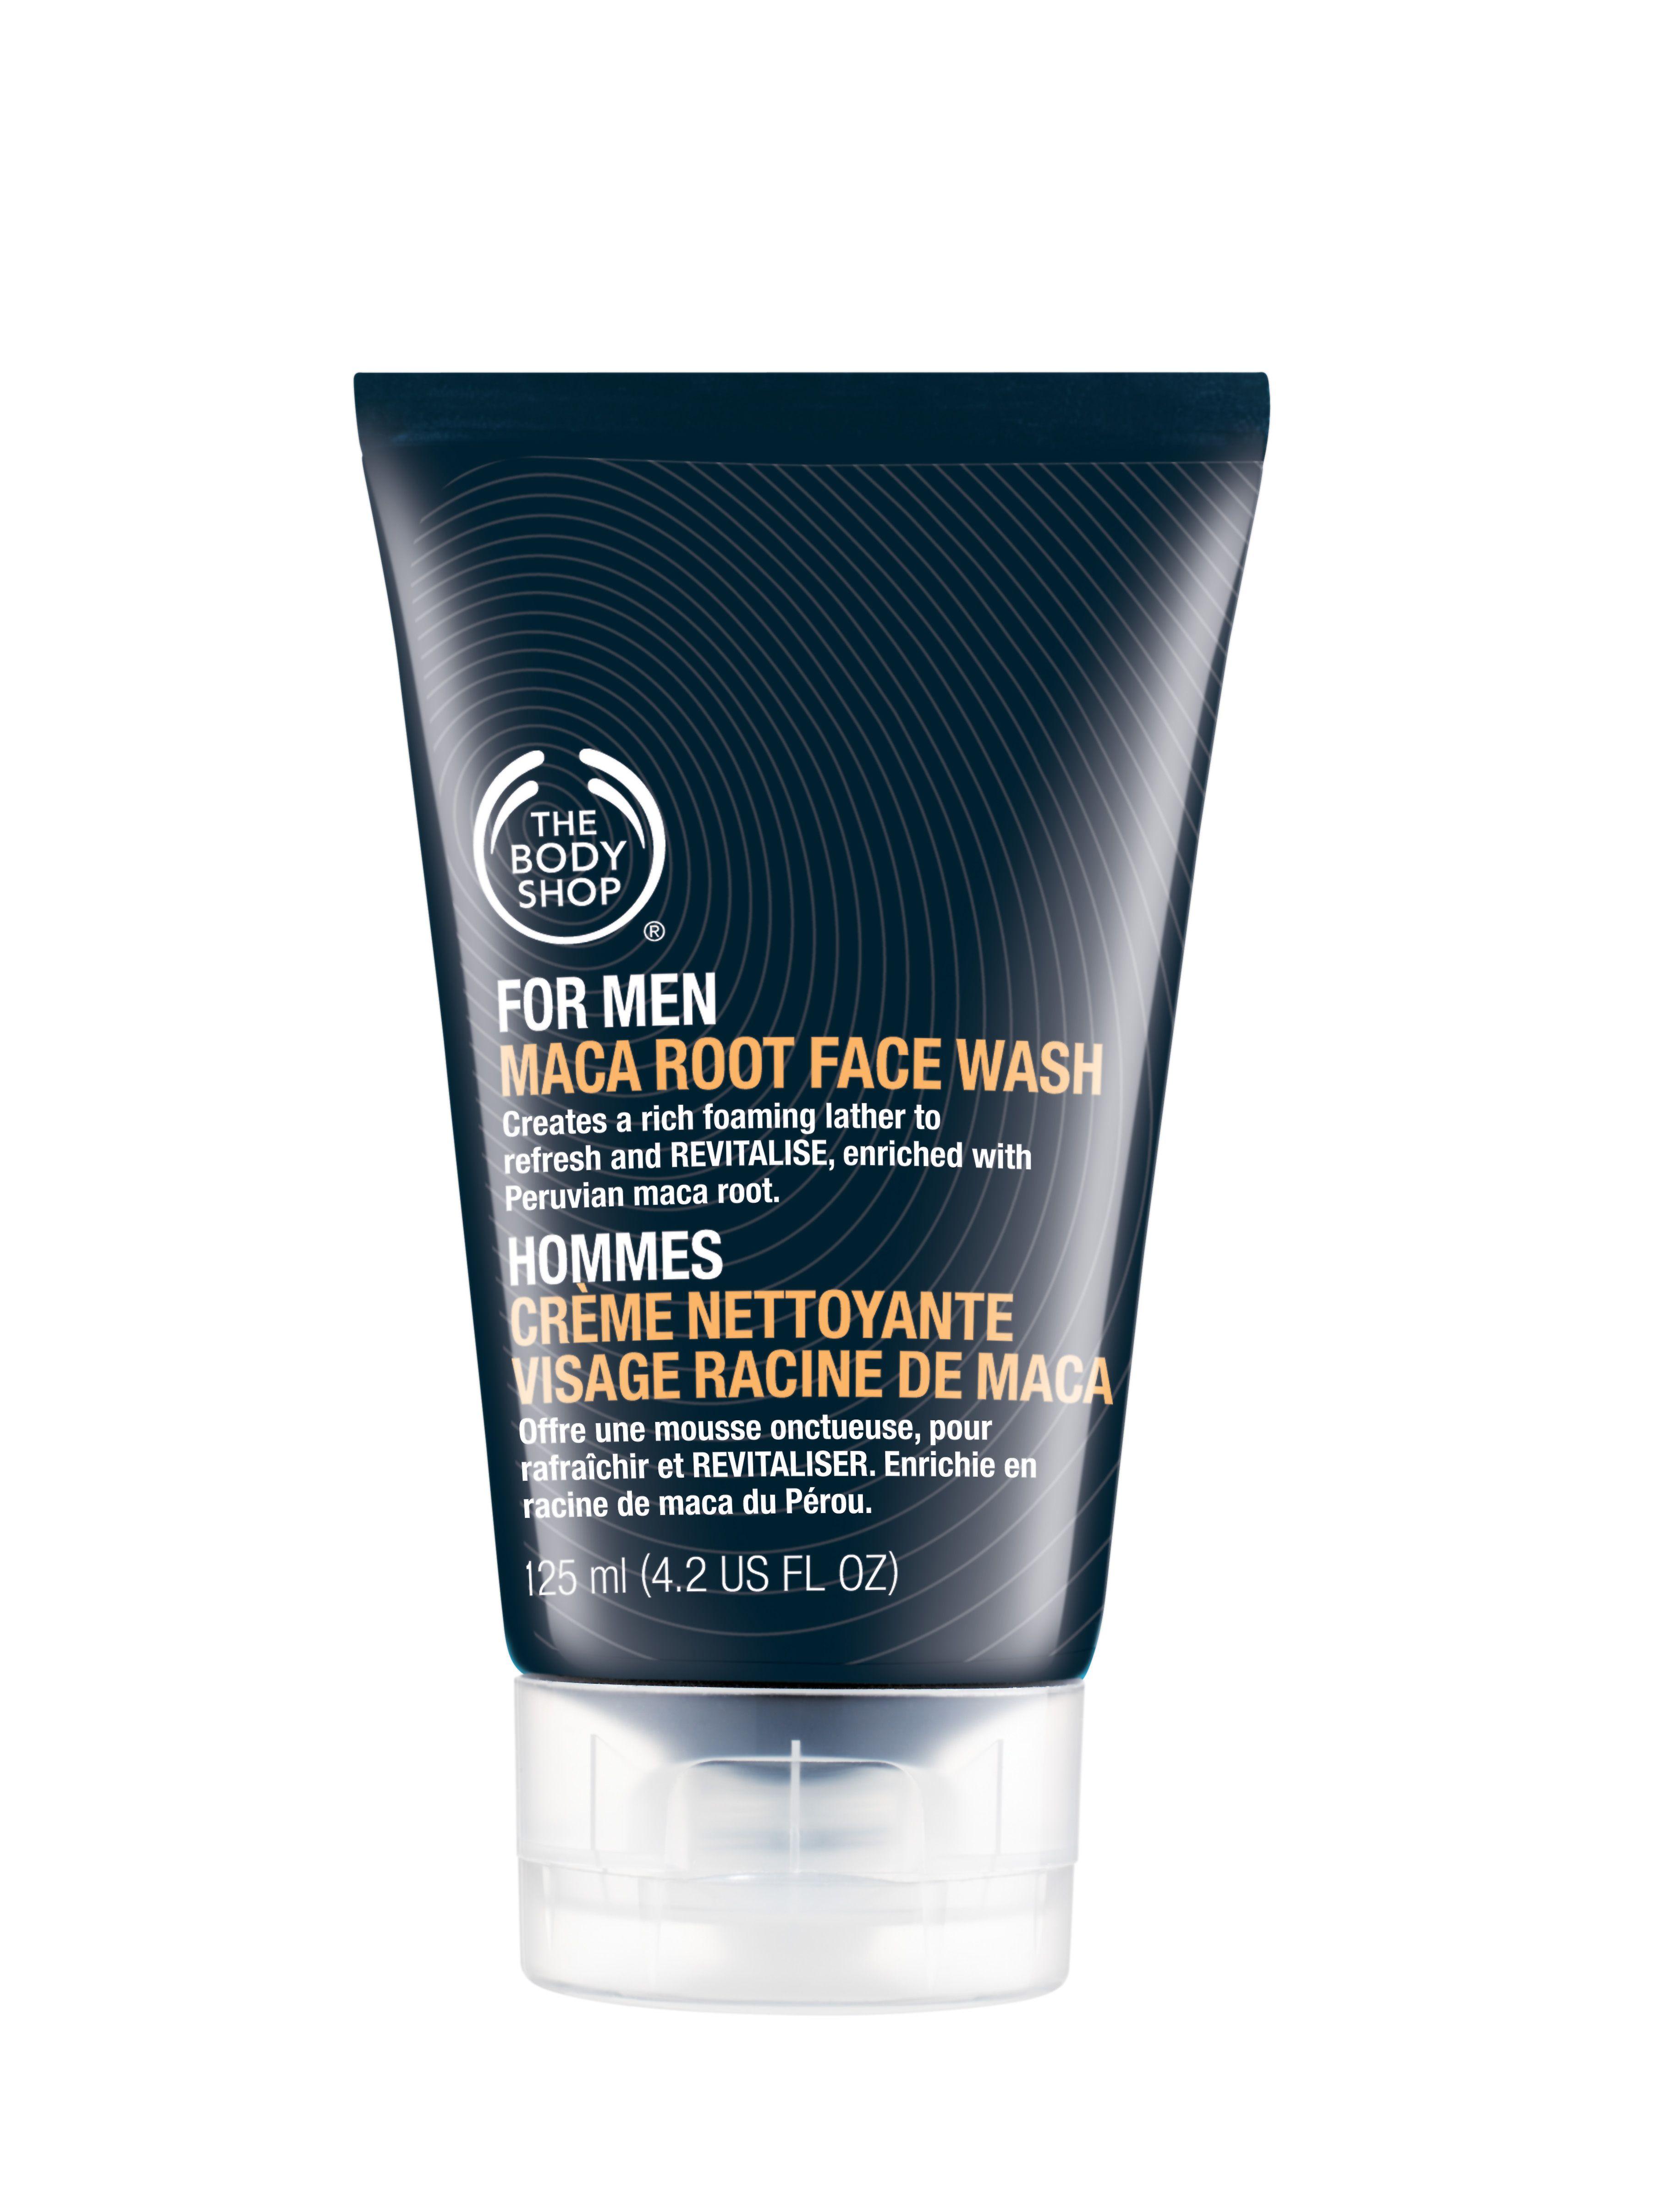 Żel do mycia twarzy przeznaczony dla mężczyzn. Posiada w